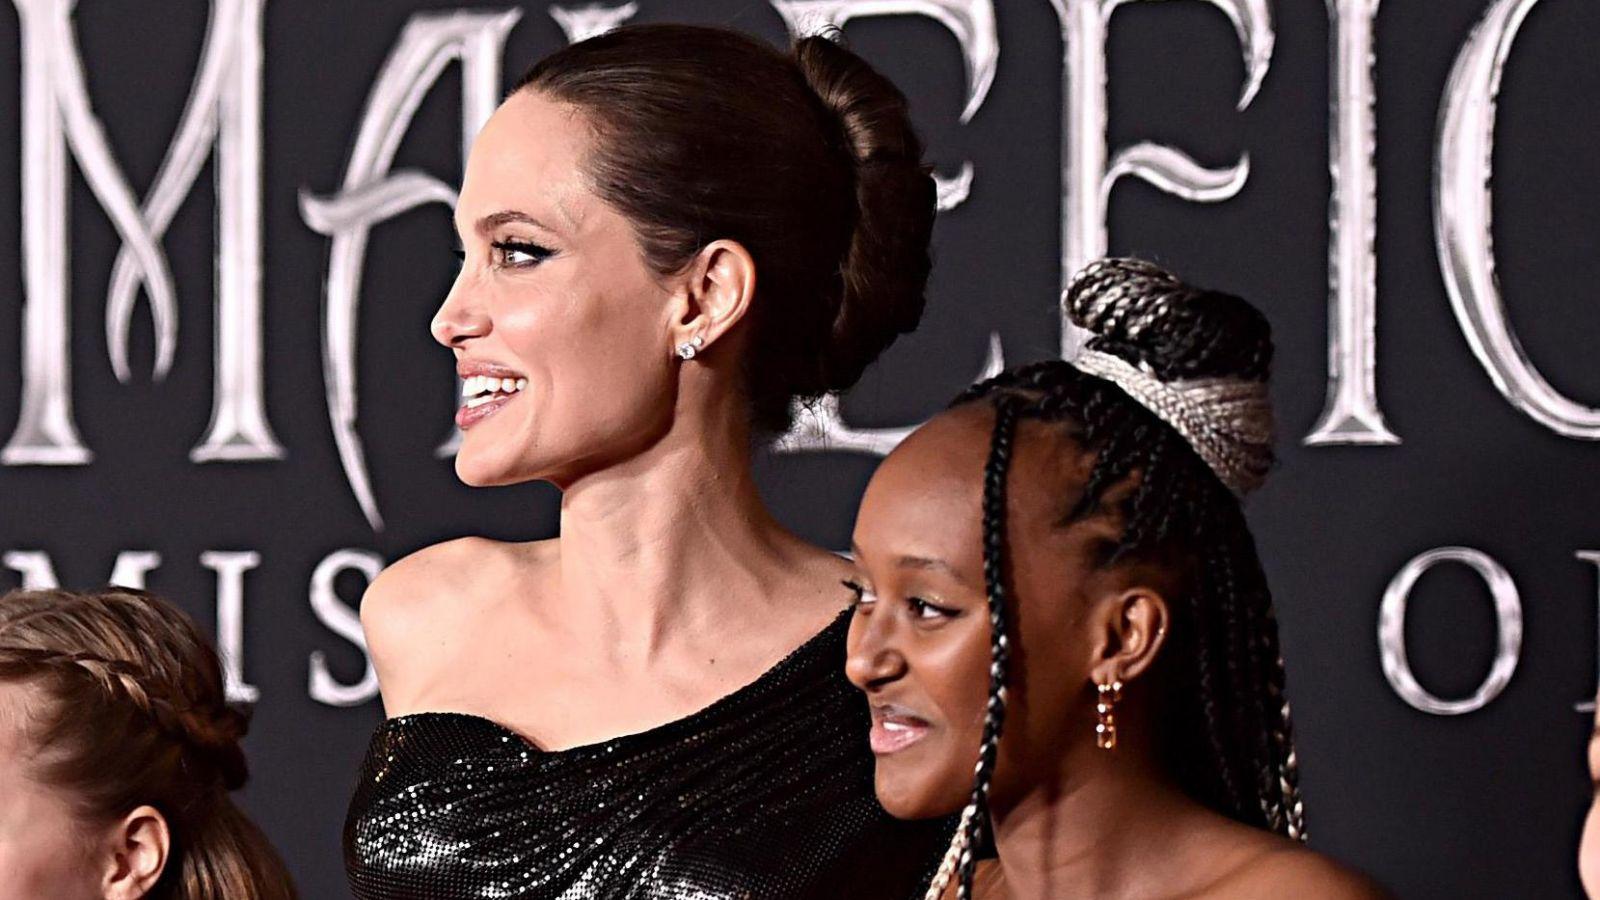 Η Angelina Jolie φοβάται για τη μαύρη κόρη της Zahara: «Το σύστημα δεν την προστατεύει»